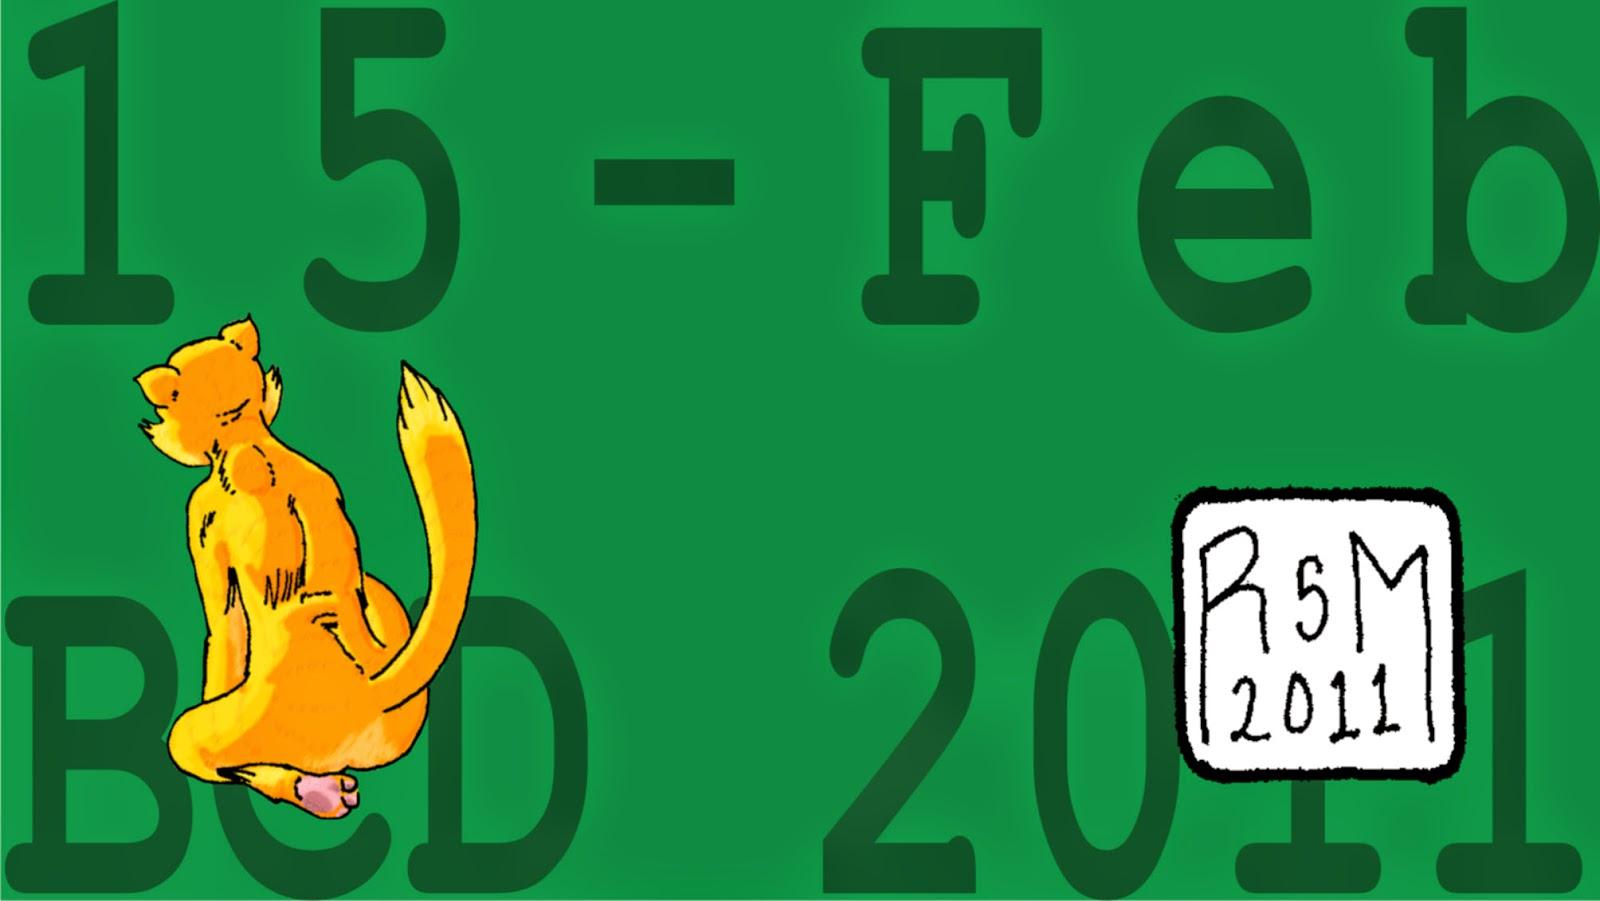 2011+banner.jpg